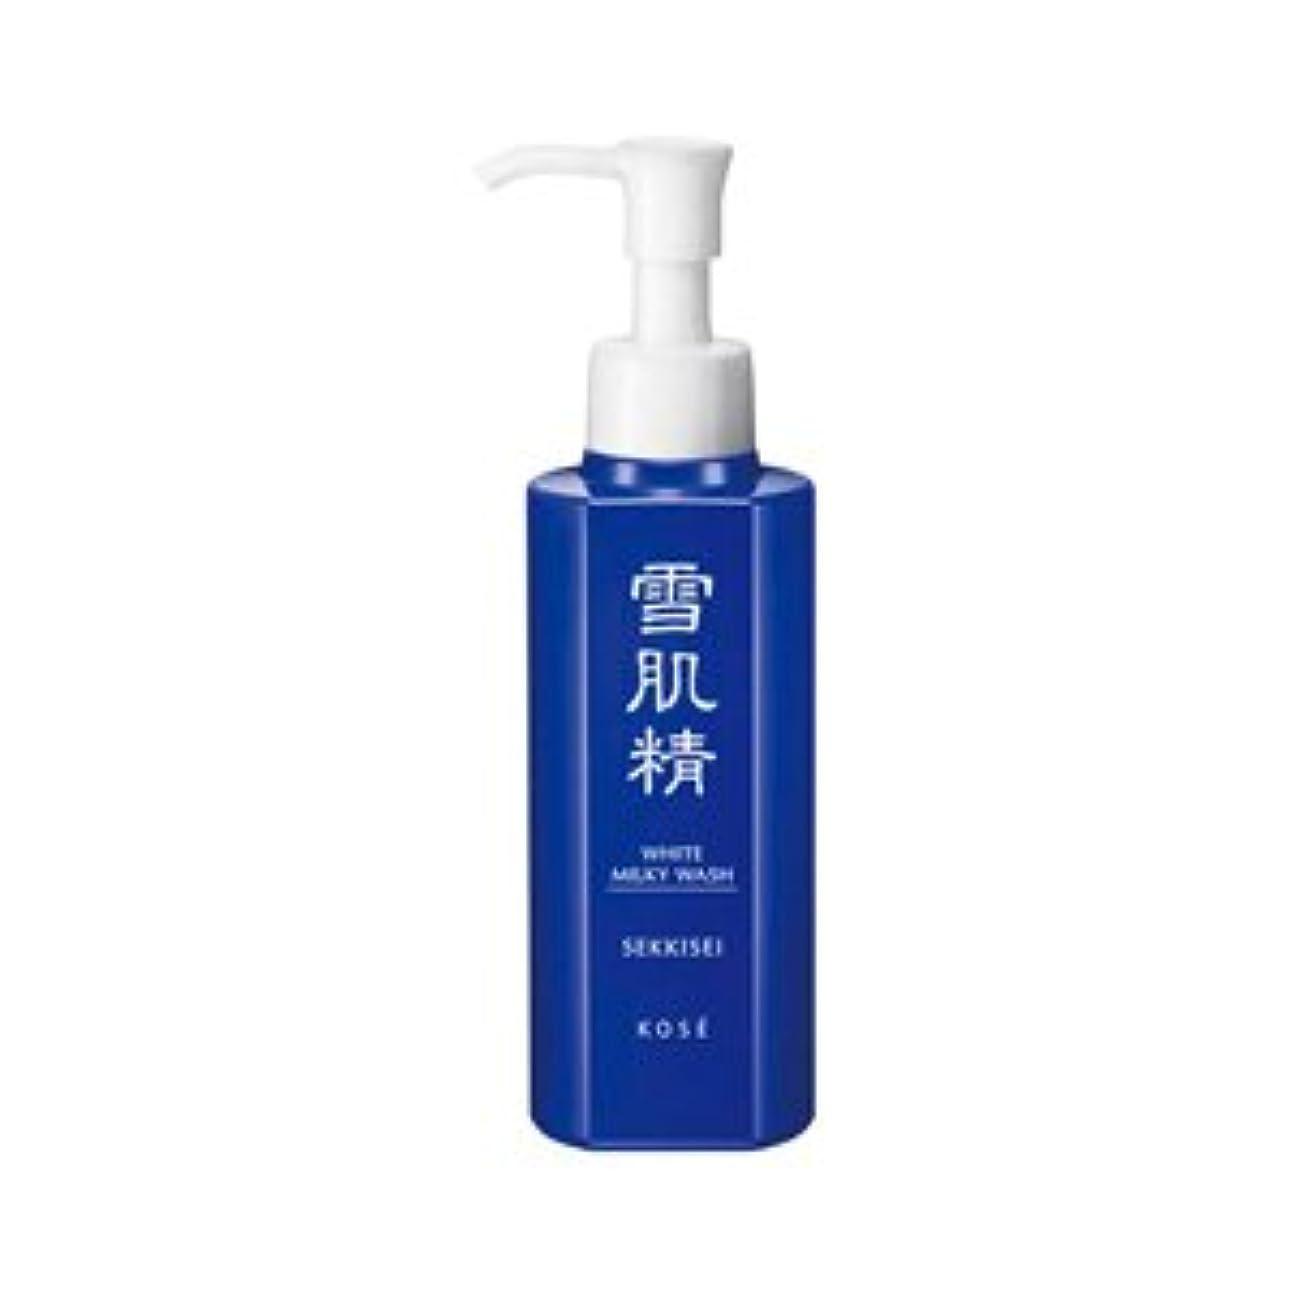 ベールオプショナル繊毛コーセー 雪肌精 ホワイト ミルキィ ウォッシュ 洗顔料 140ml アウトレット